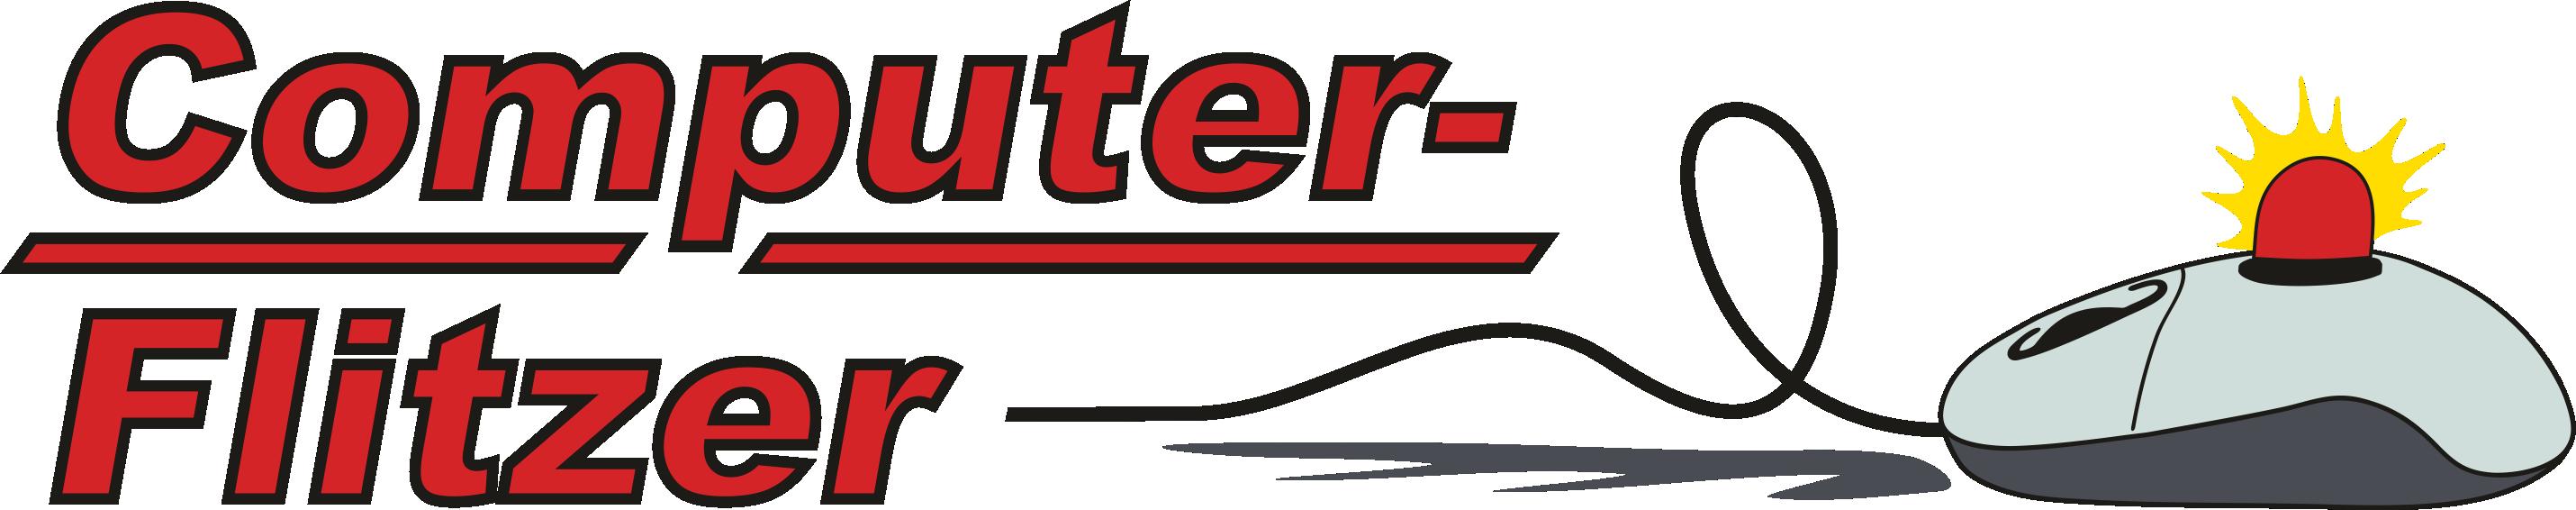 Computer-Flitzer.de